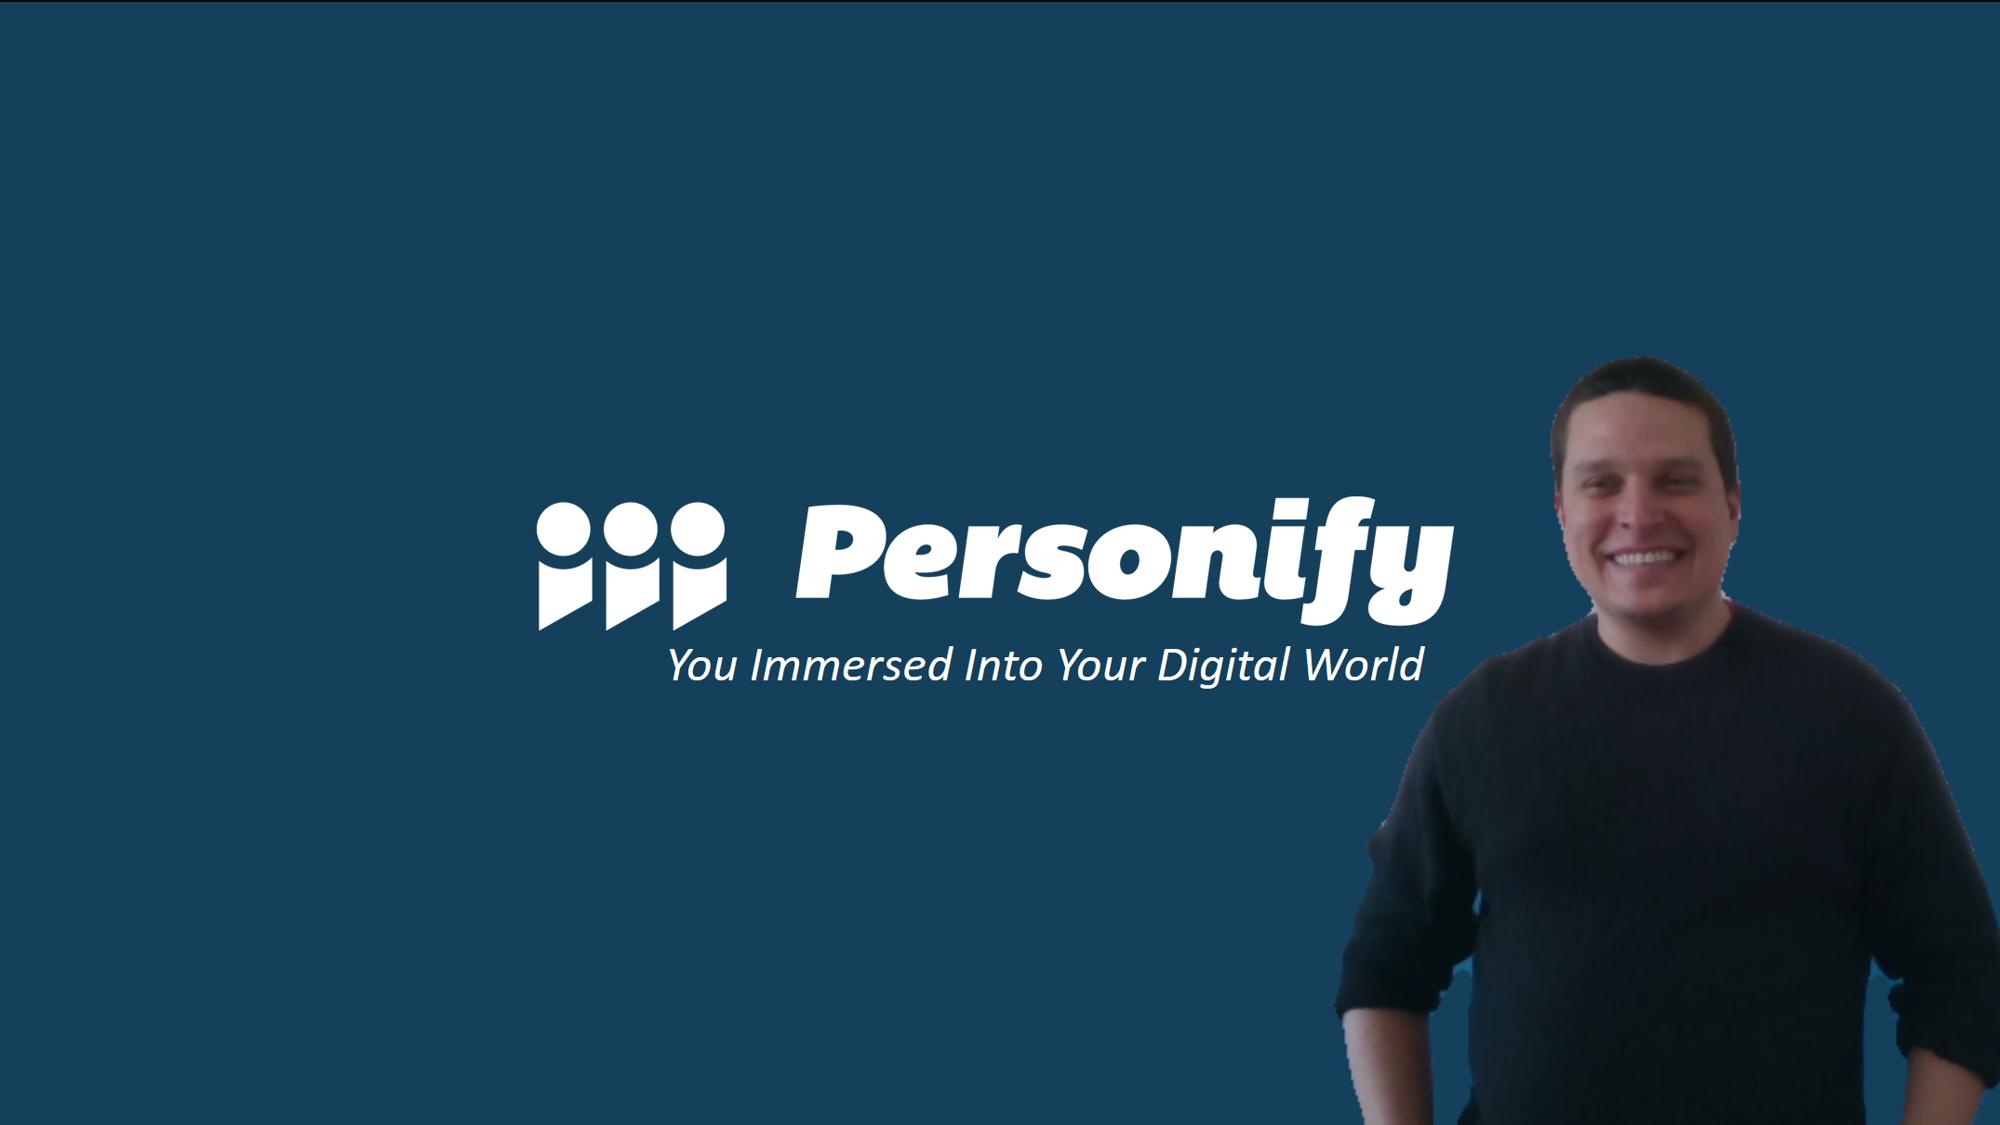 Presenter Demo - Persona on Title Slide